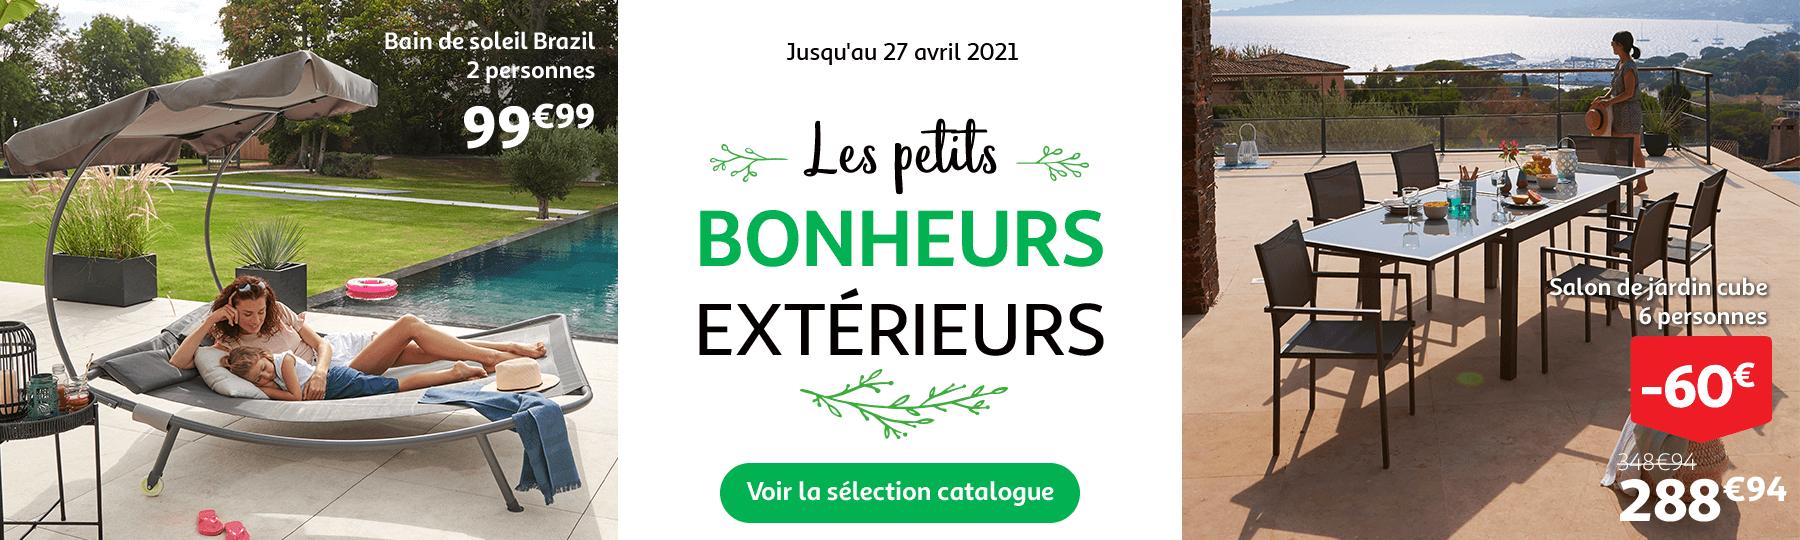 Jardin, bricolage, les petits bonheurs extérieurs, jusqu'au 27 avril 2021